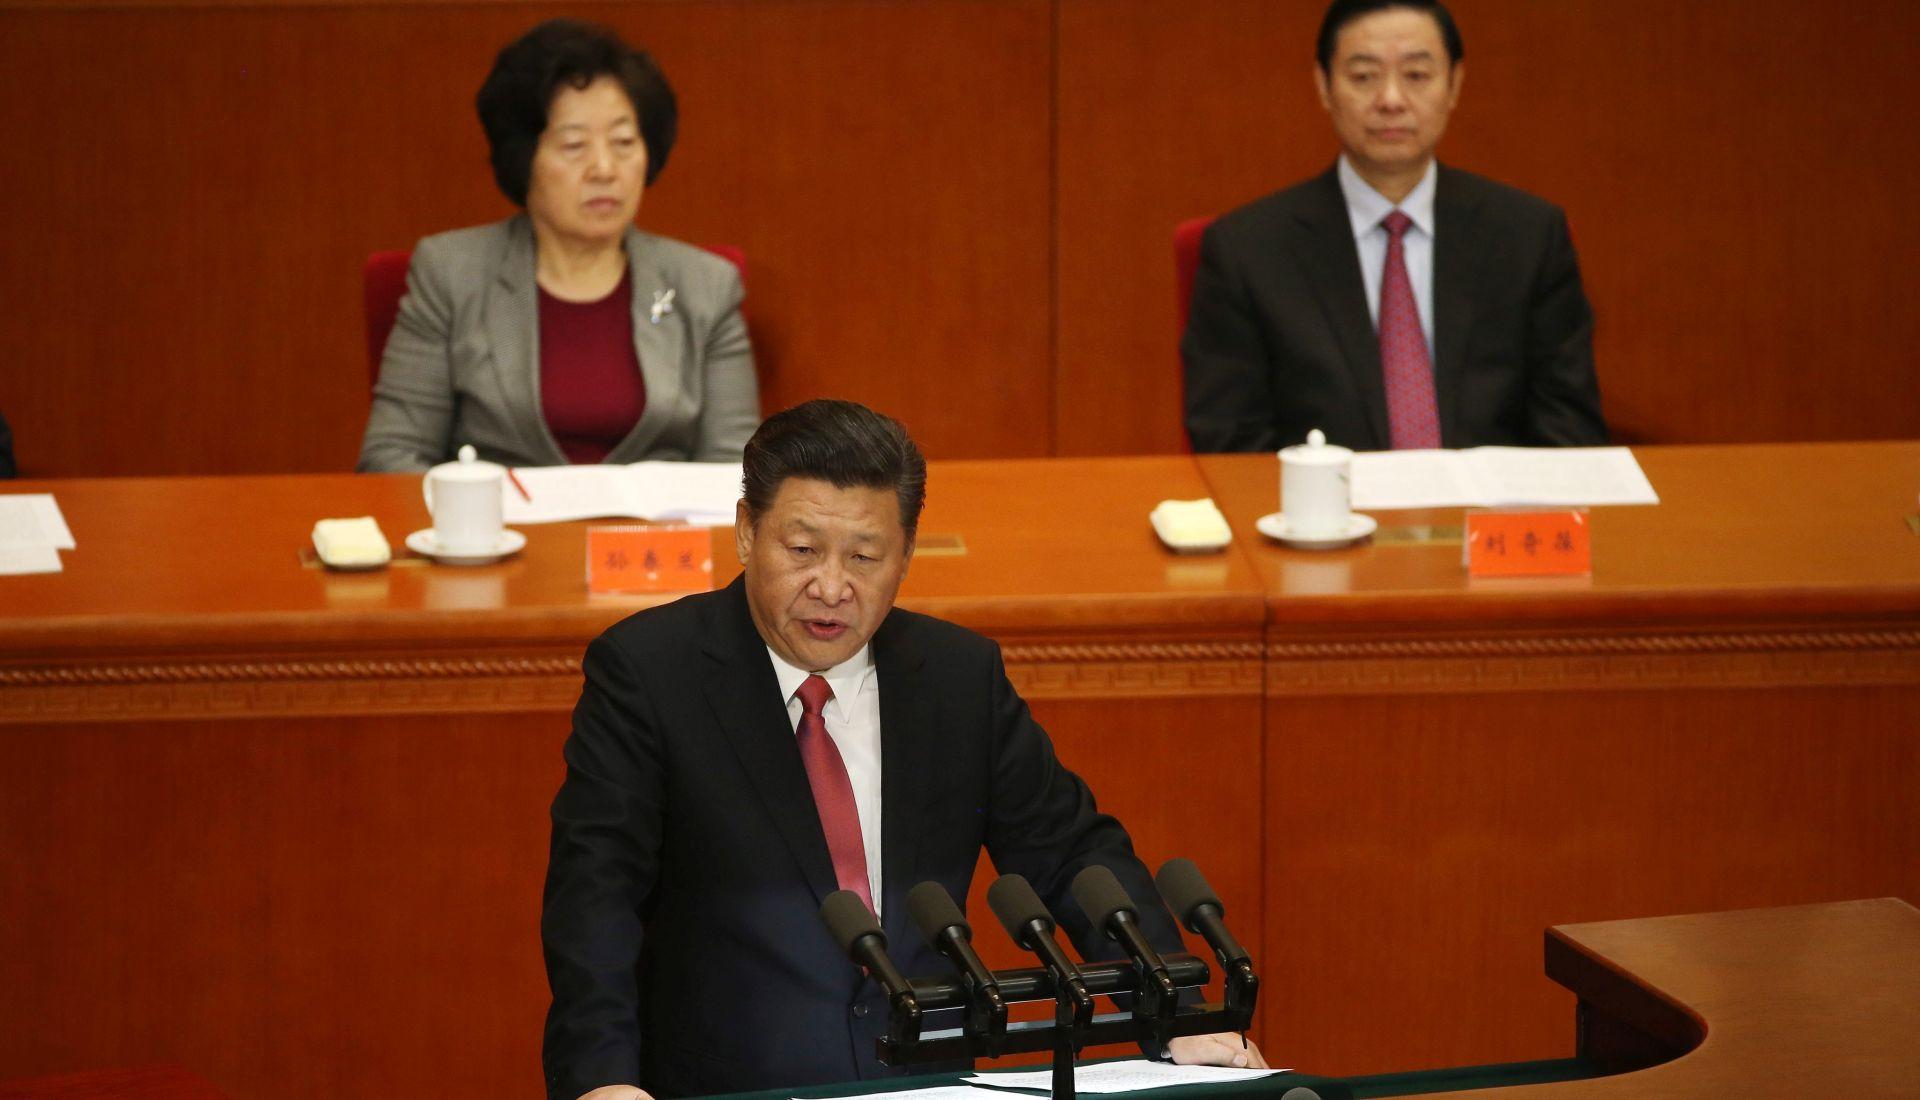 Kina brani ujgurske zatočeničke logore